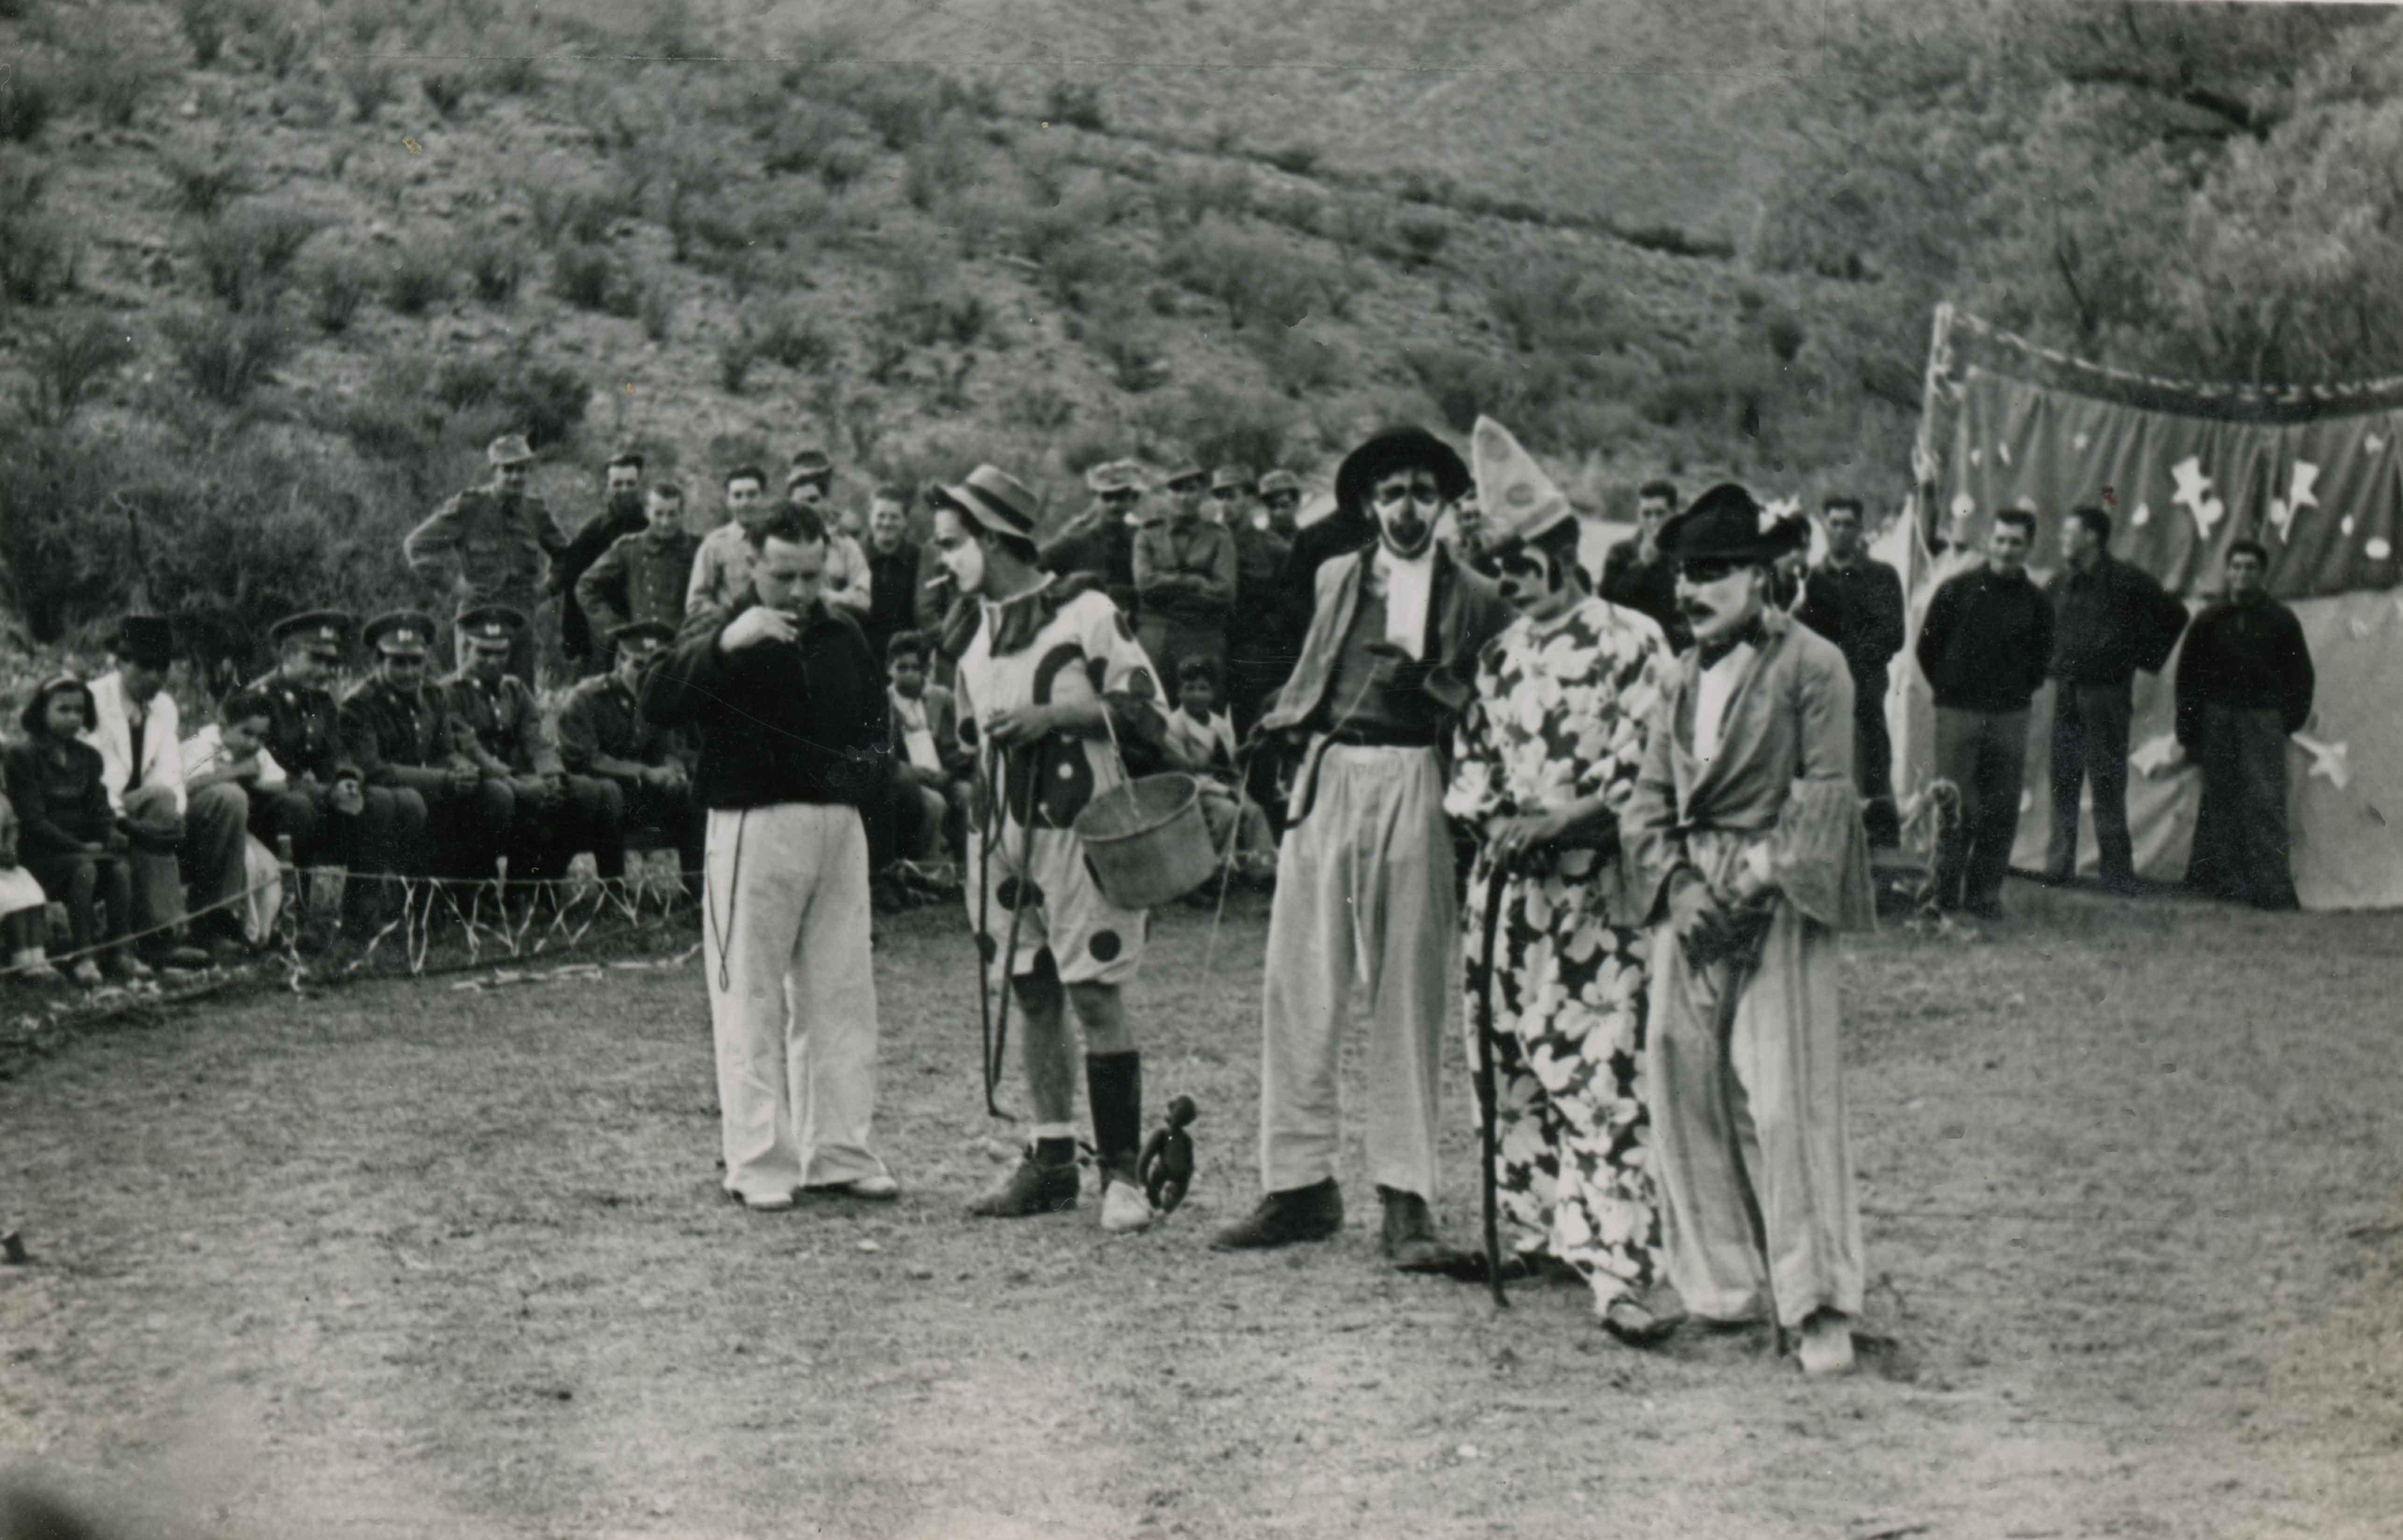 Enterreno - Fotos históricas de chile - fotos antiguas de Chile - Circo en la Campaña de cadetes en 1943